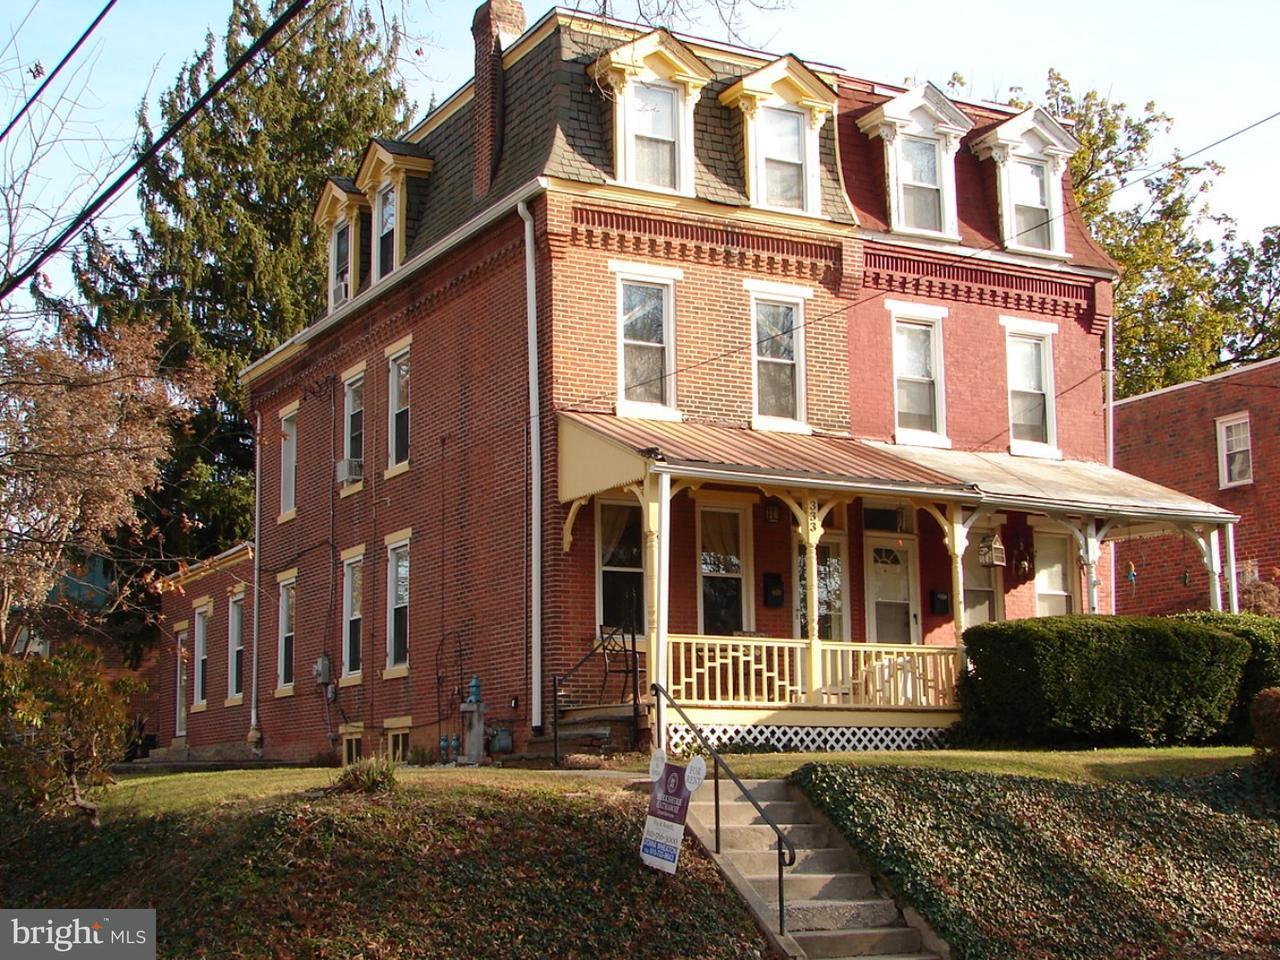 Casa unifamiliar adosada (Townhouse) por un Alquiler en 333 N ORANGE Street Media, Pennsylvania 19063 Estados Unidos